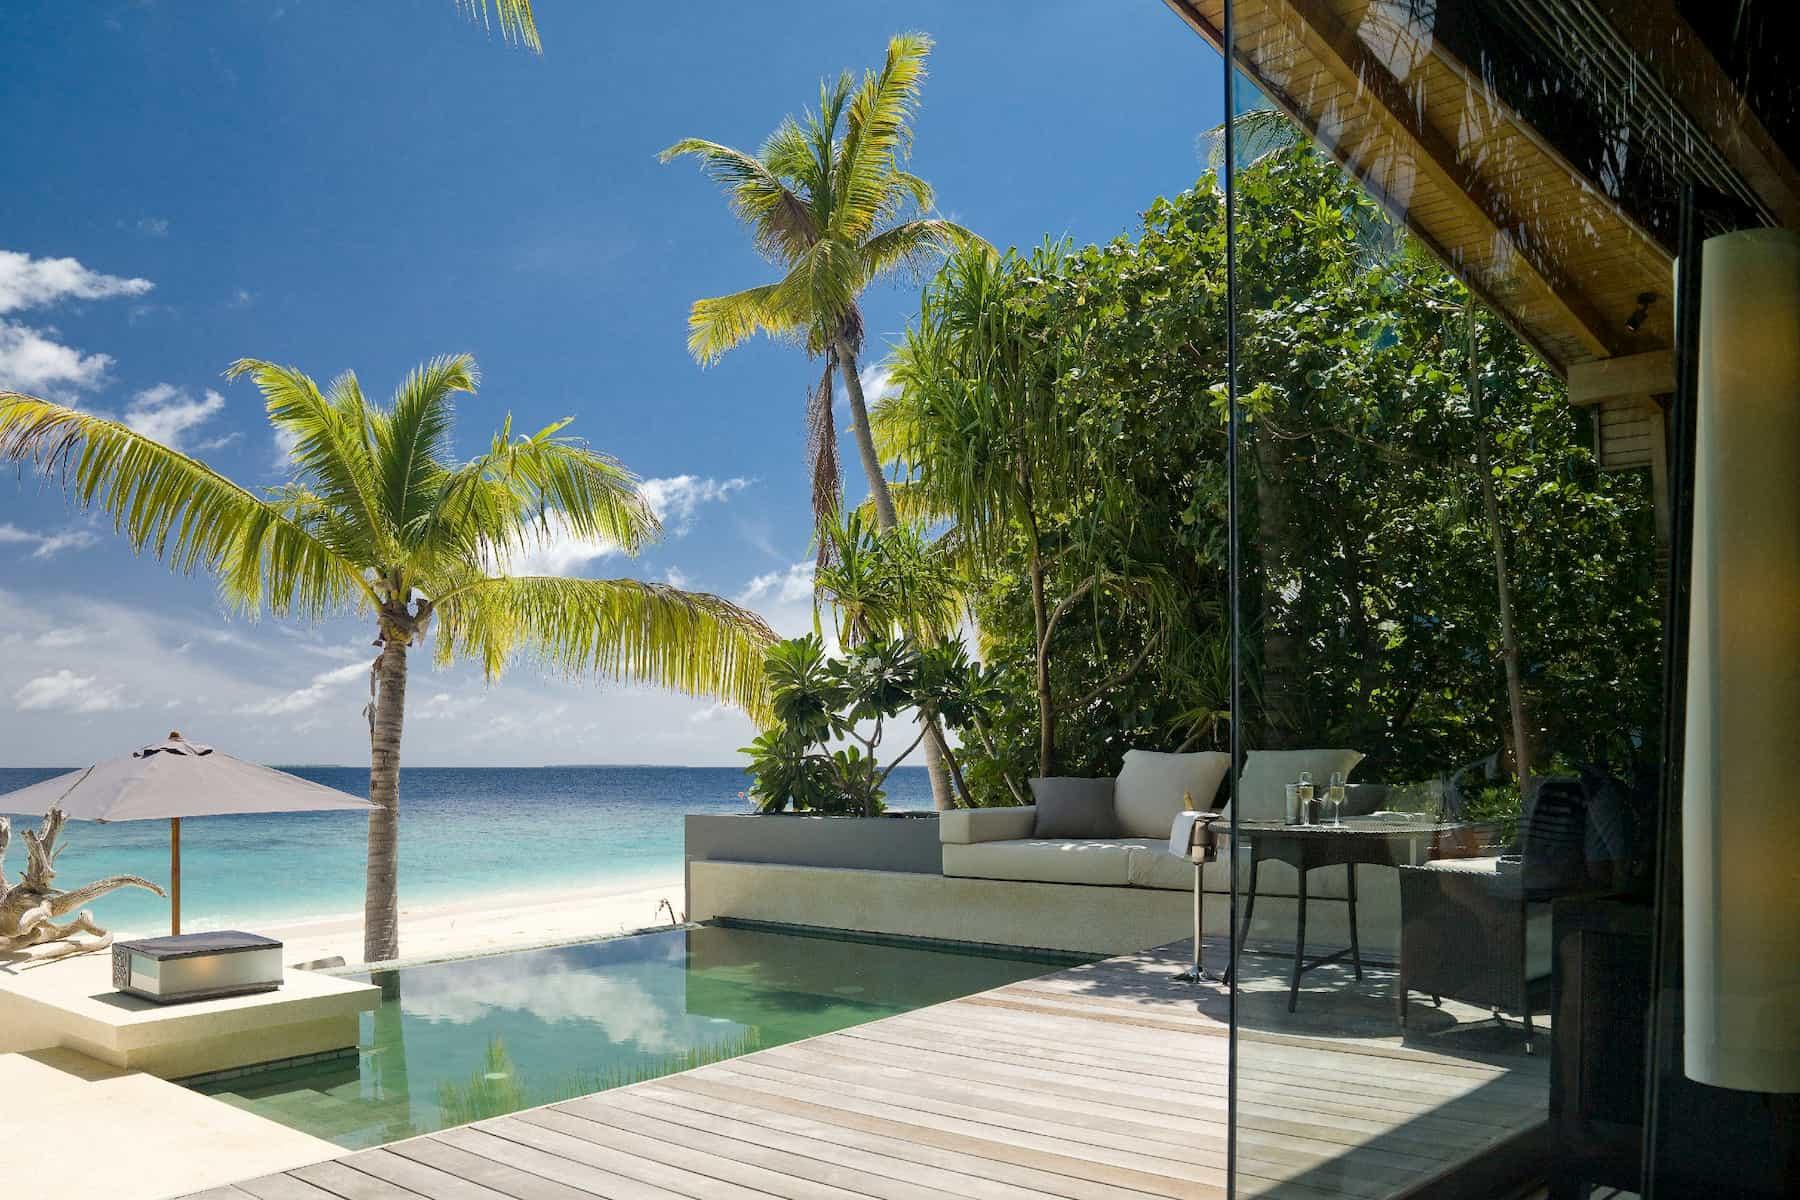 Resort Maldive Park Hyatt Maldives Hadahaa park pool villa